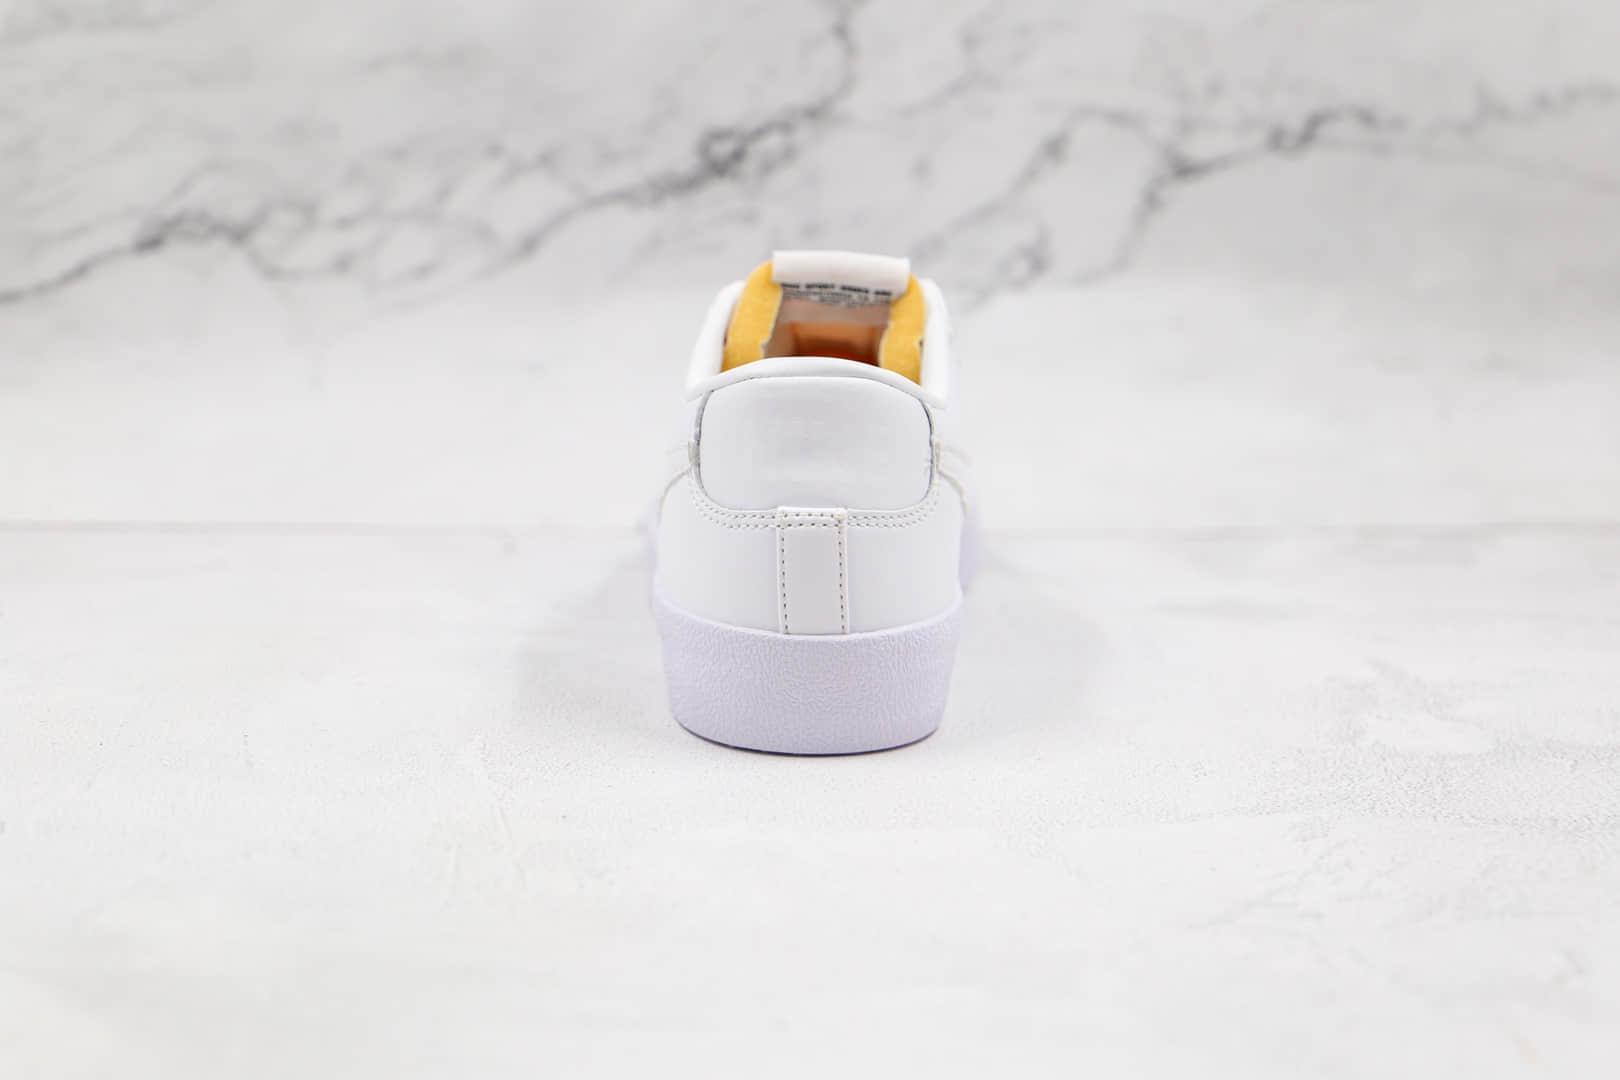 耐克NIKE Blazer LOW 77 VNTG公司级版本低帮开拓者纯白色板鞋原盒原标 货号:DC4769-101